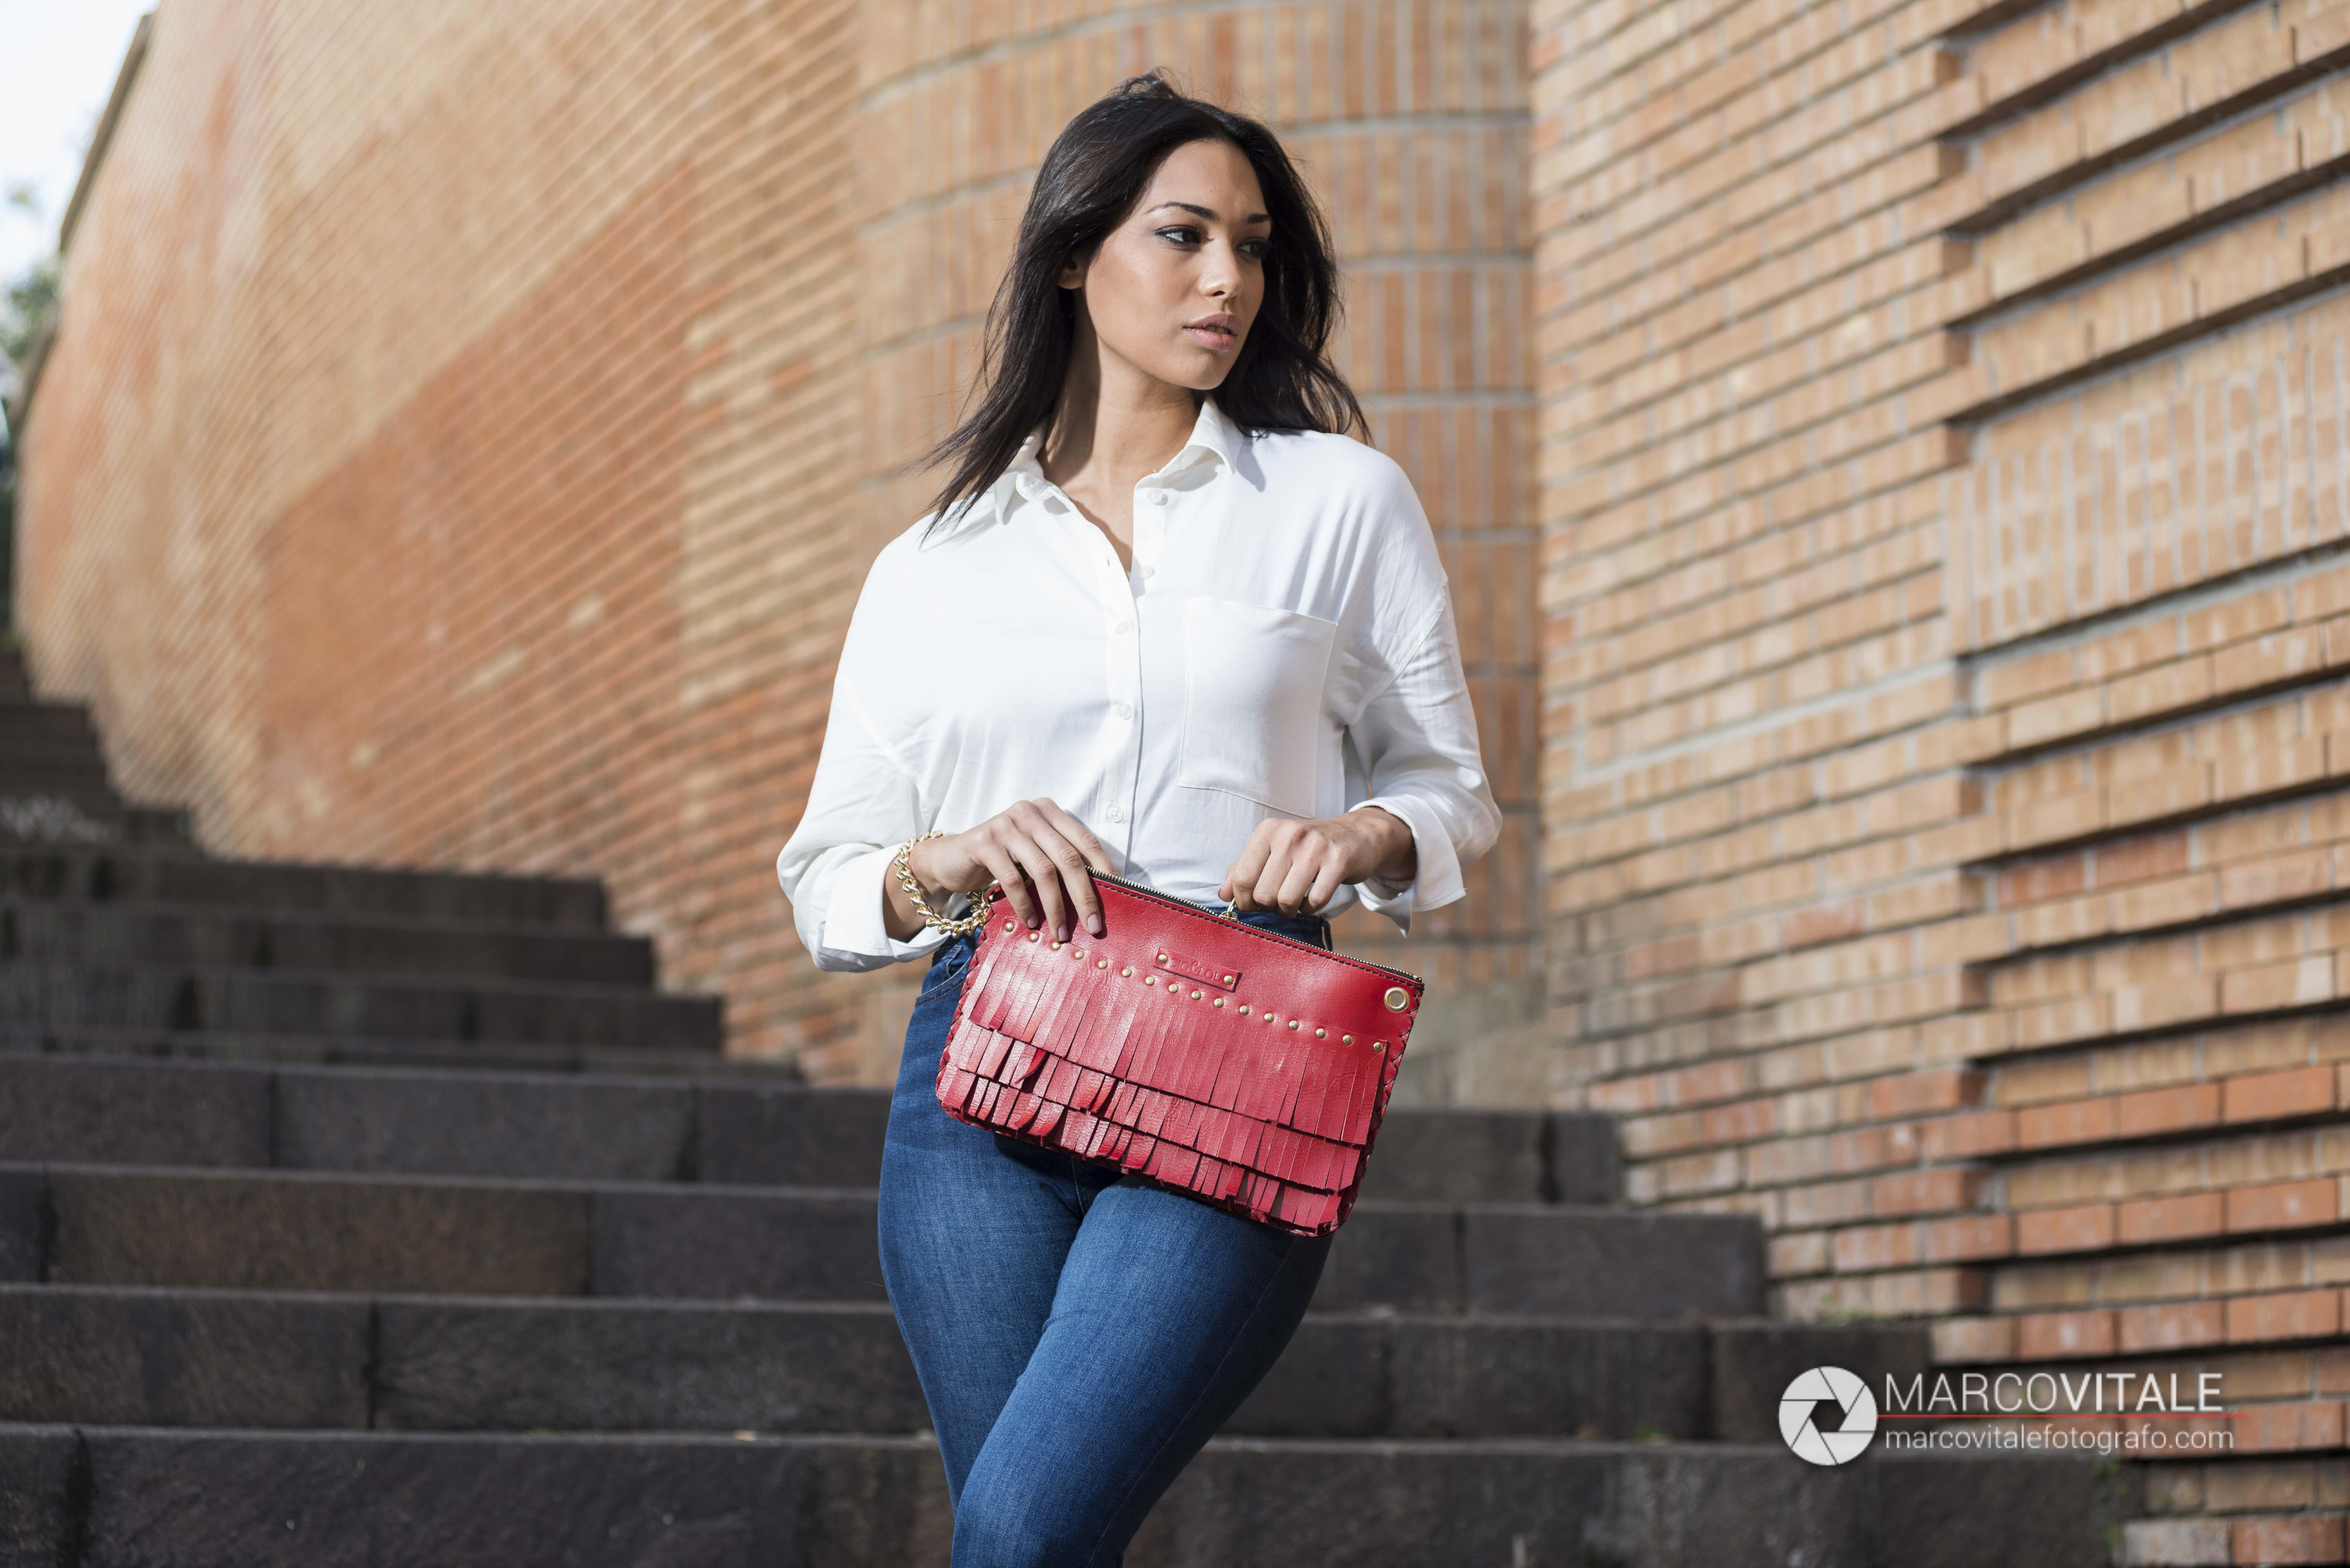 Servizio fotografico di moda per borse